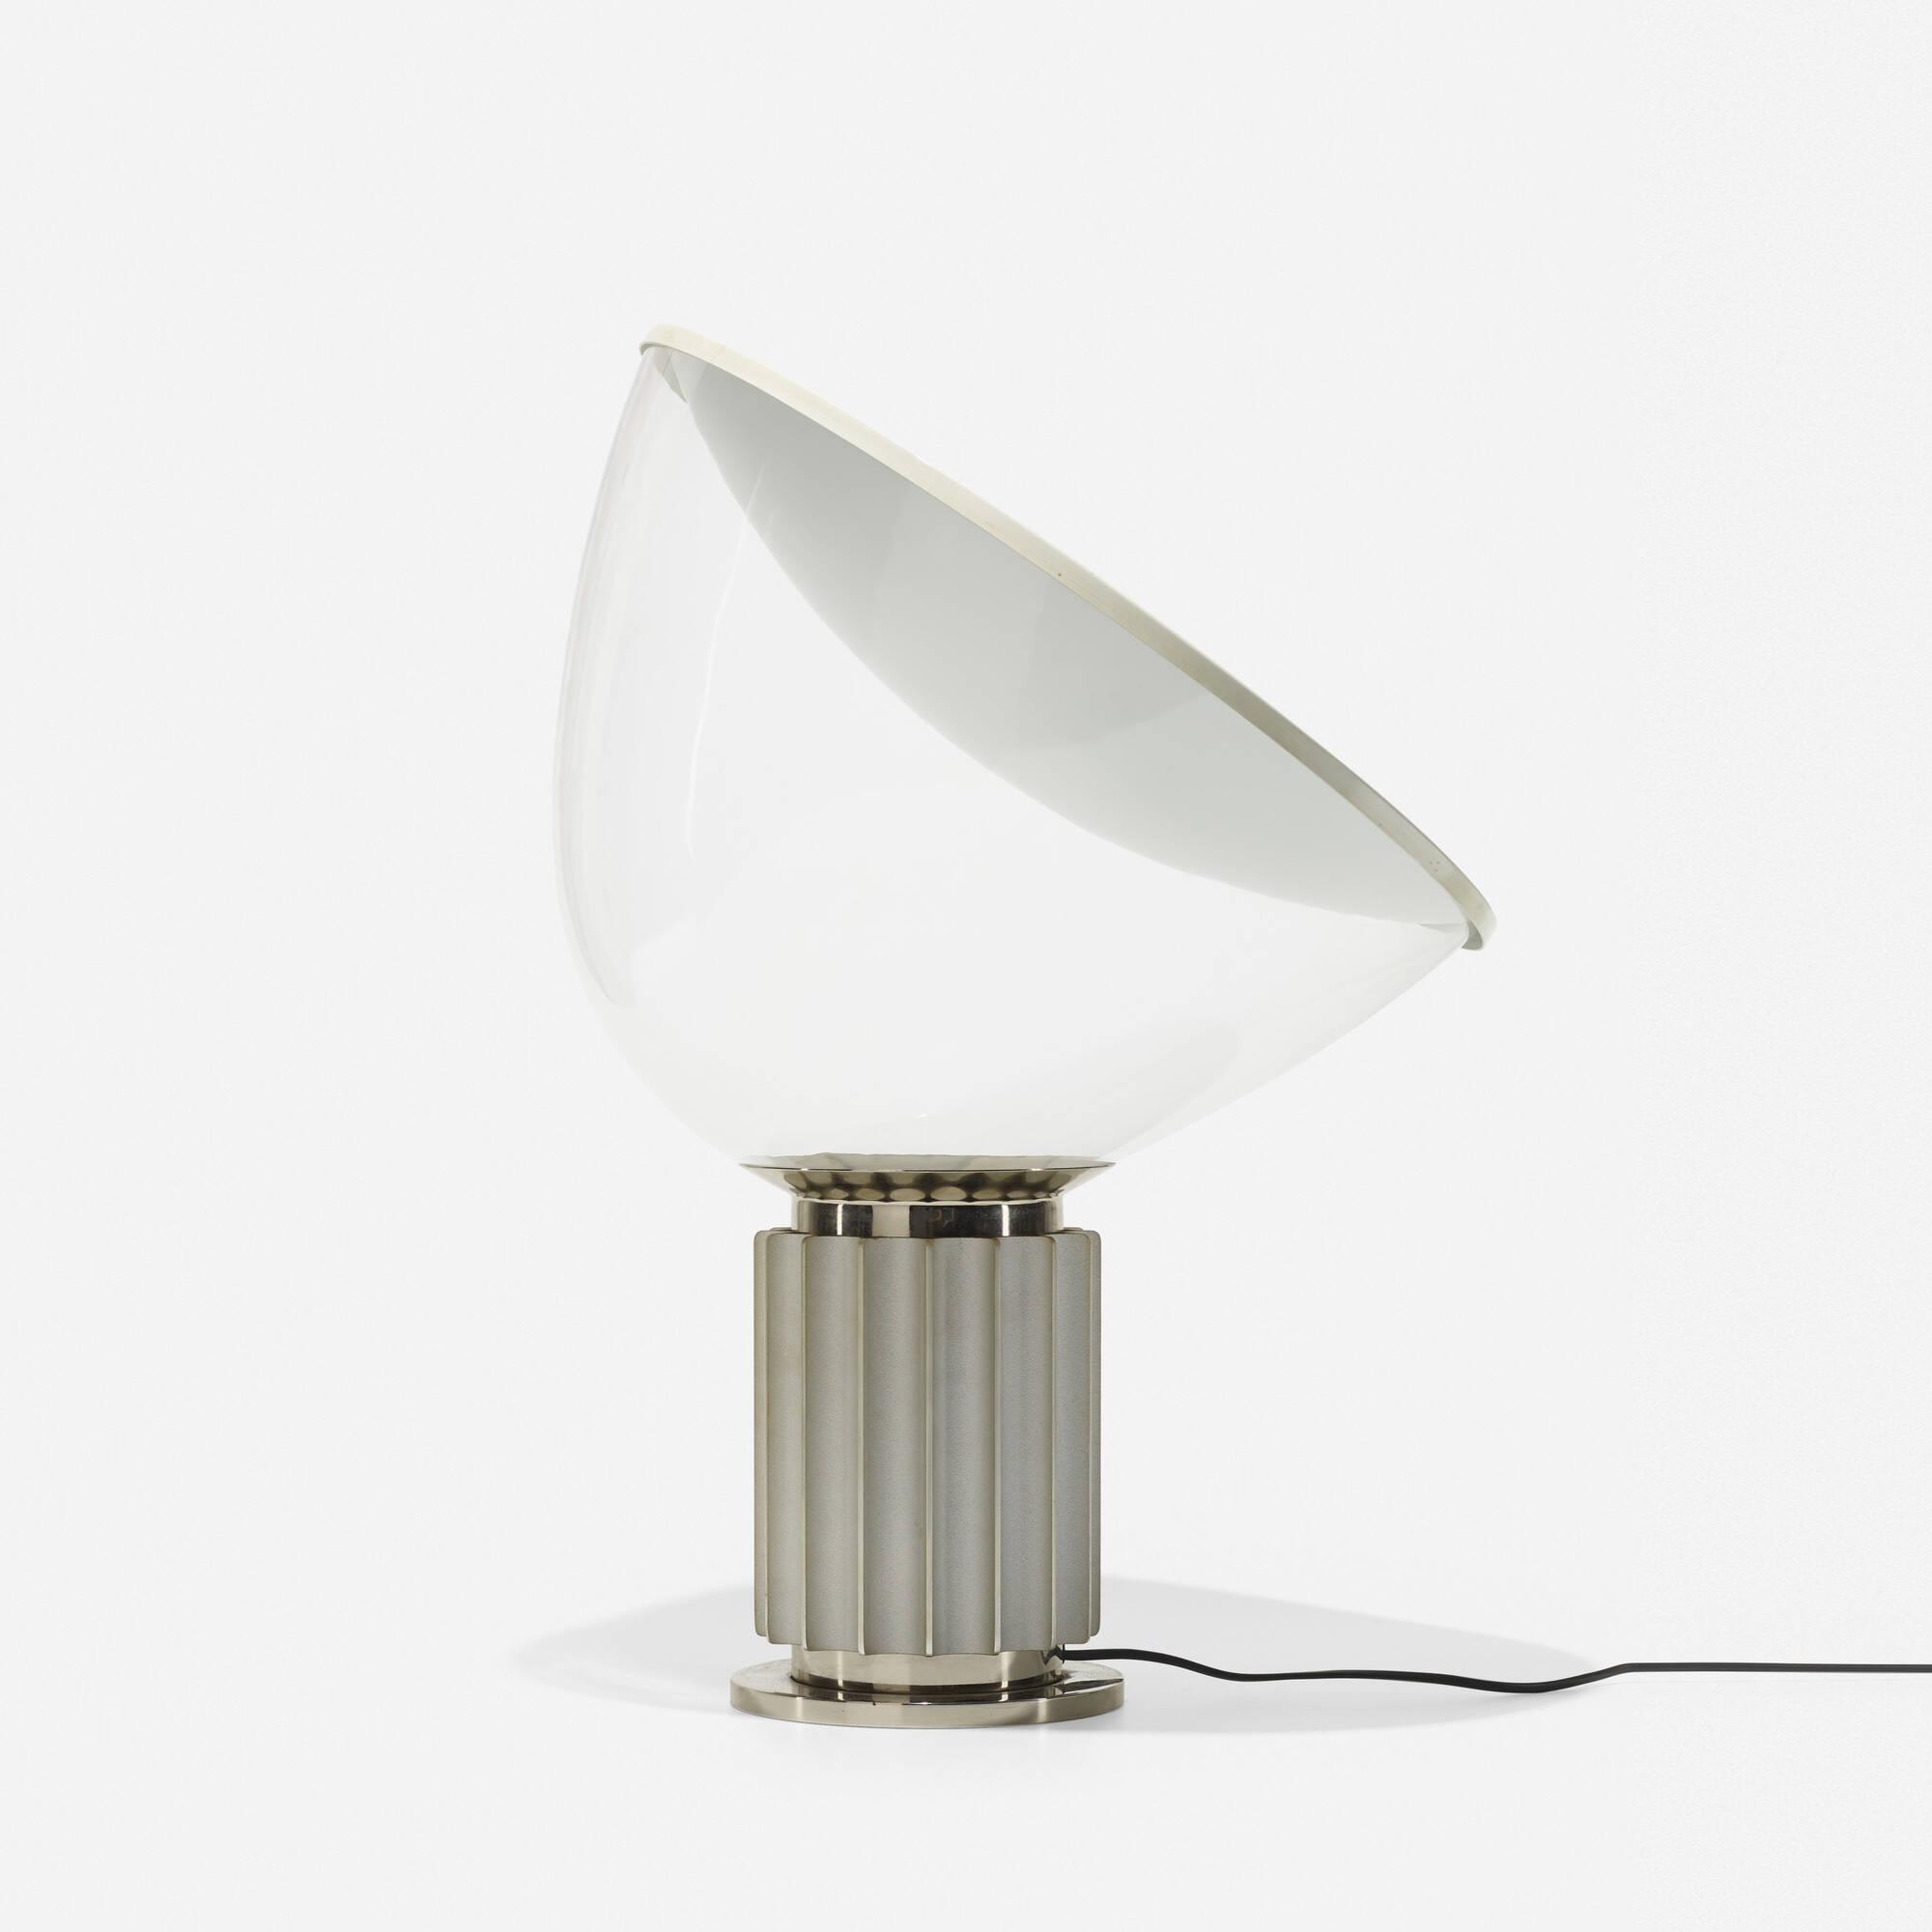 383: Achille and Pier Giacomo Castiglioni / Taccia table lamp (1 of 3)